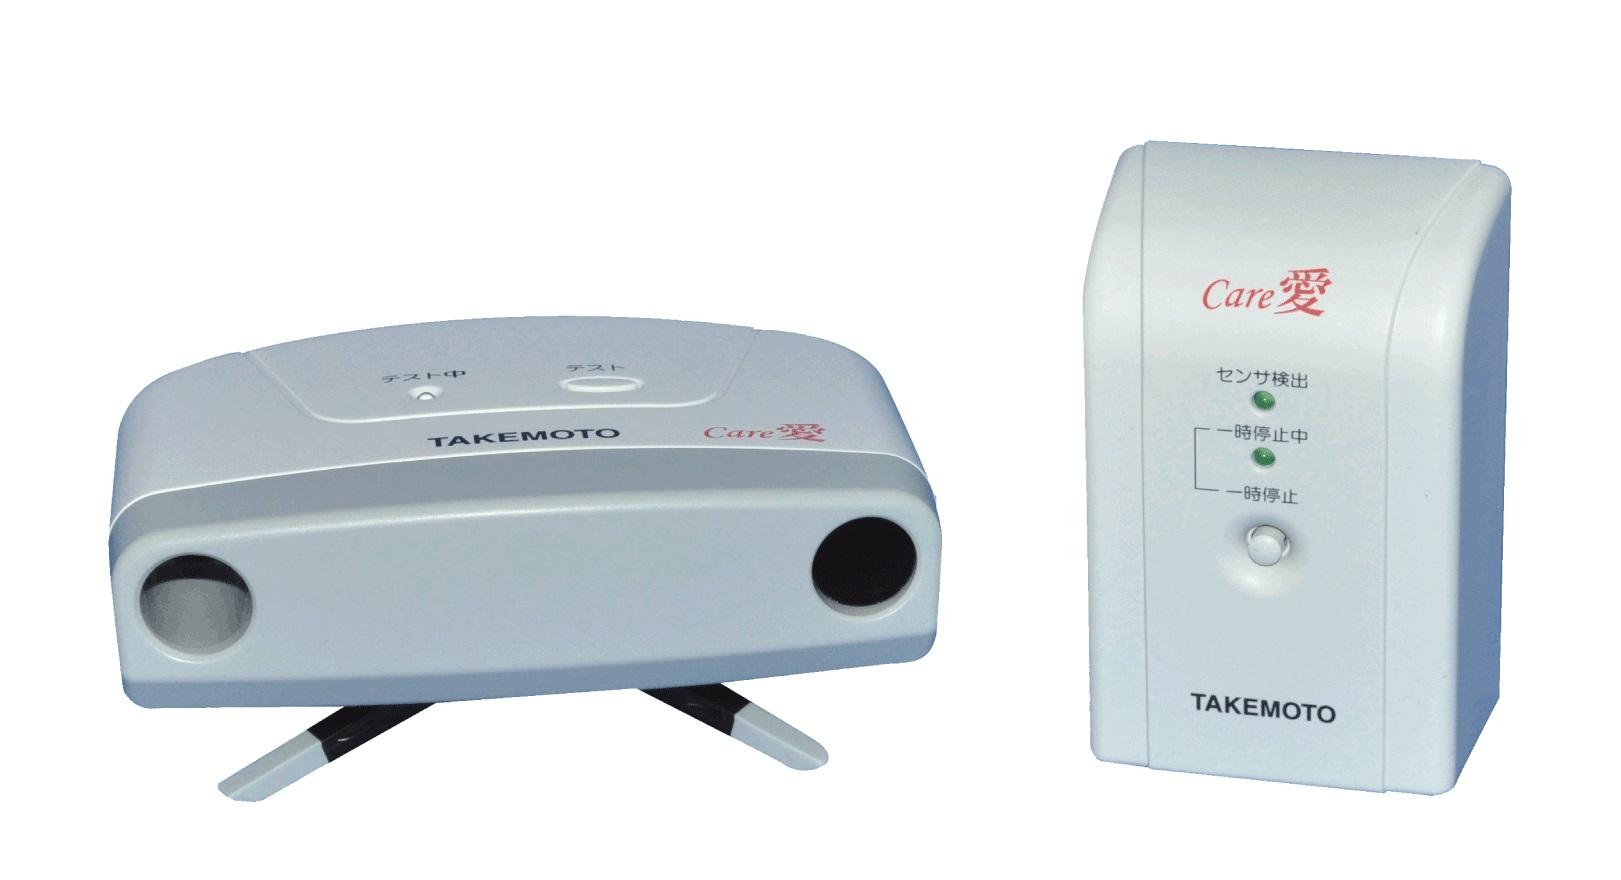 コードレスで幅広く設置可能な離床徘徊センサー